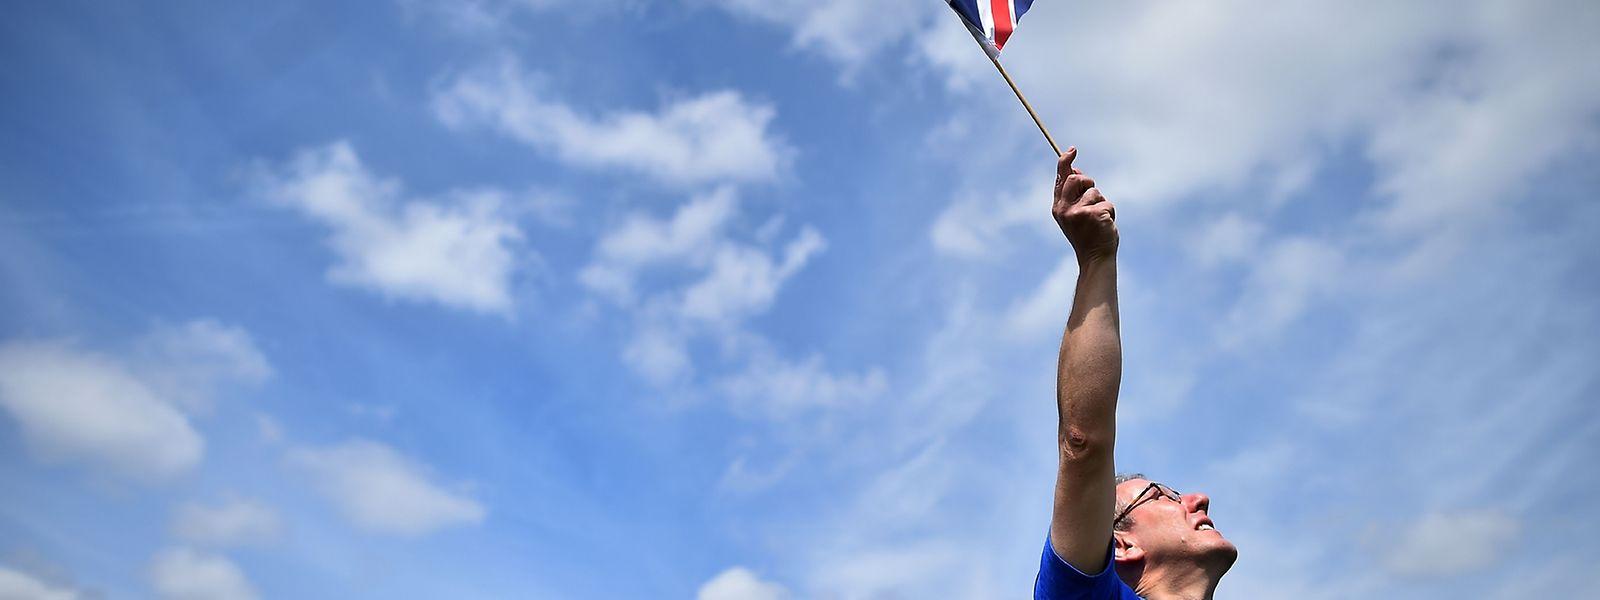 Mehr als drei Millionen Briten verlangen per Petition, noch einmal abstimmen zu dürfen.